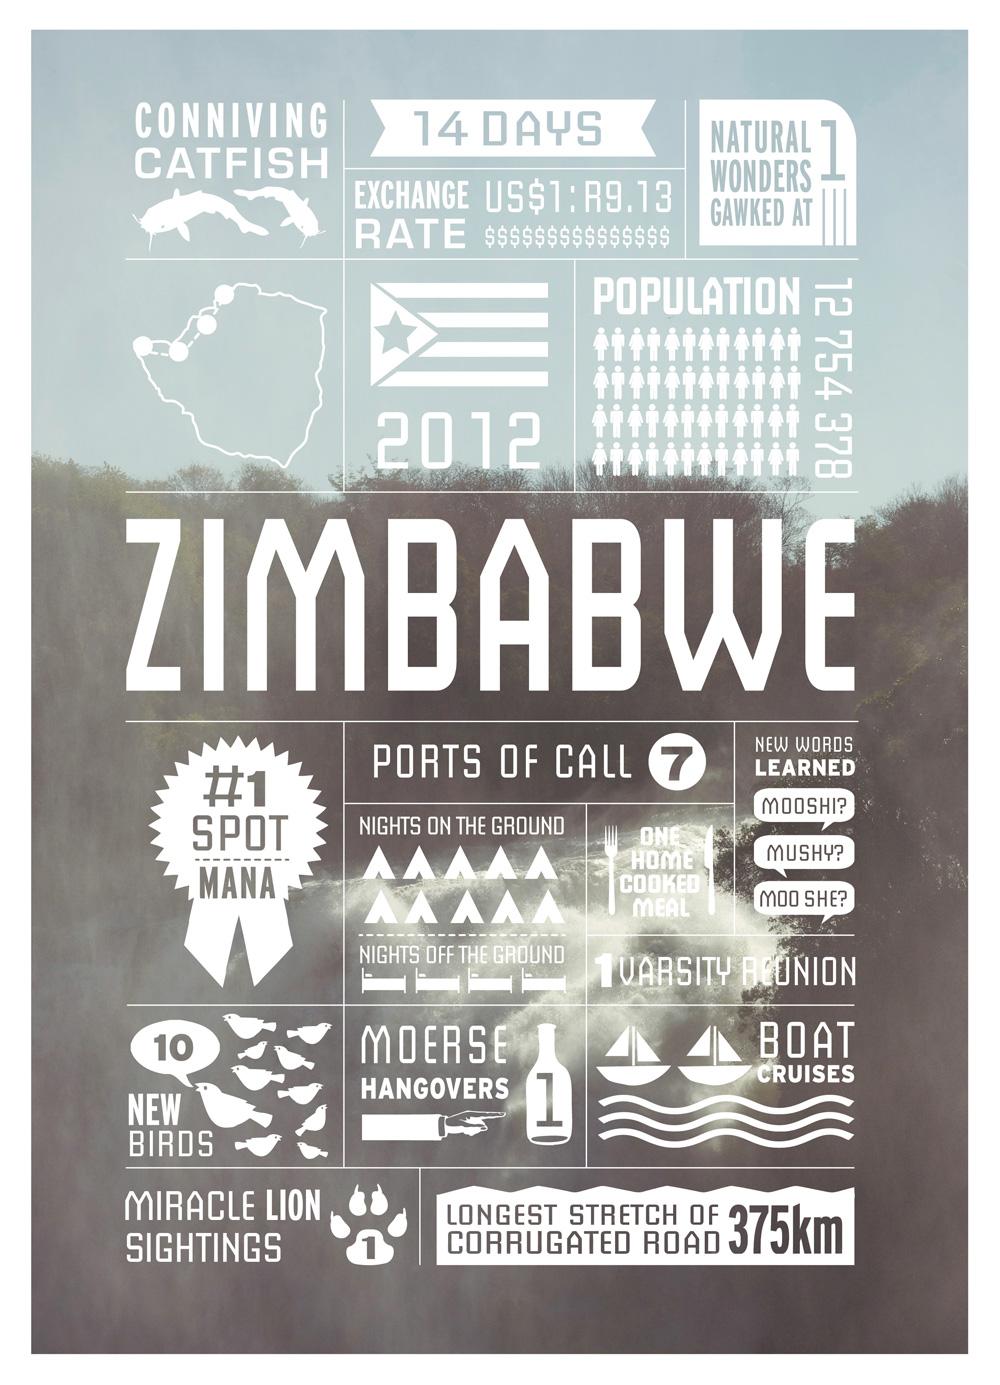 3.ZIMBABWE